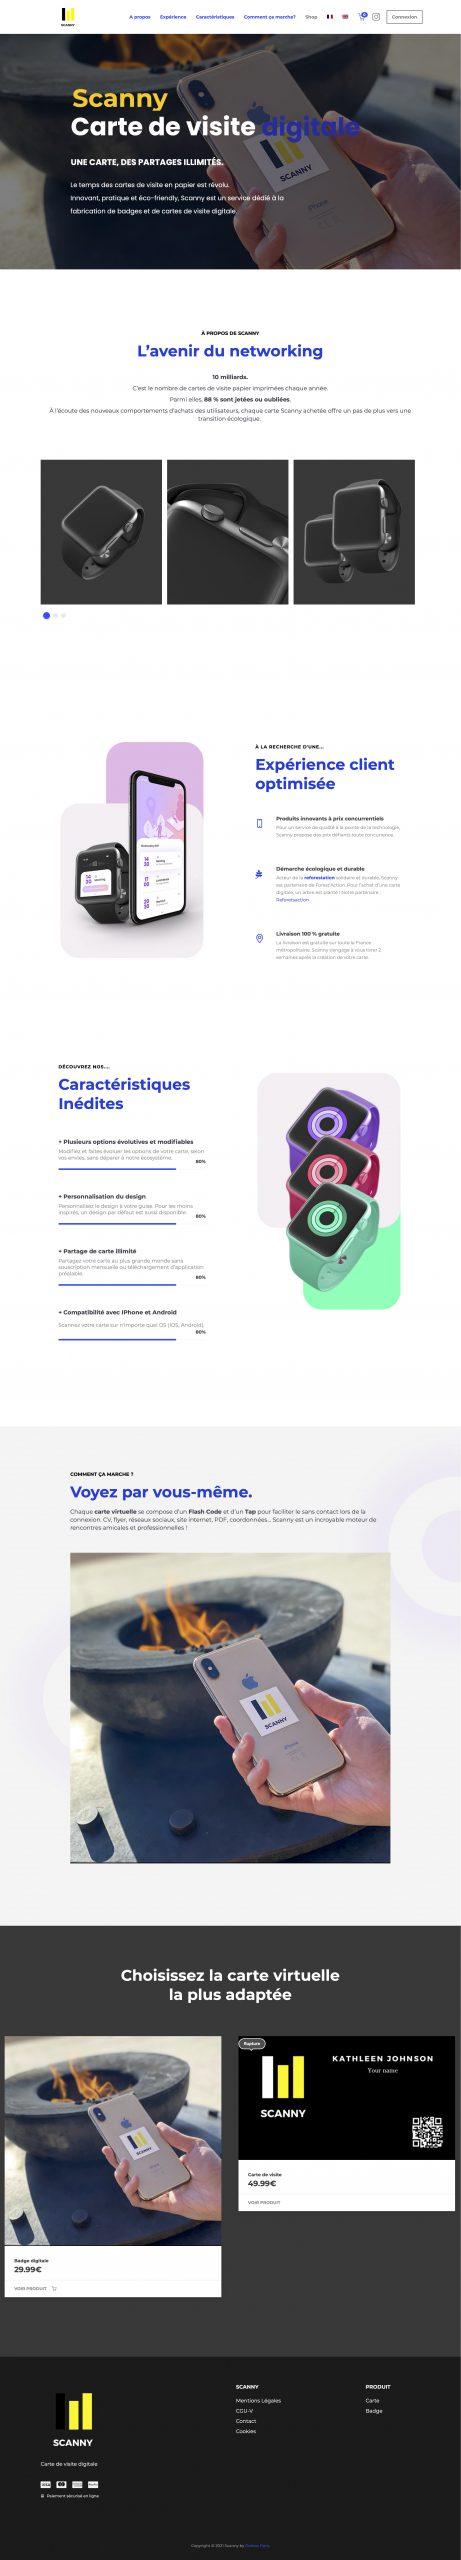 Scanny Card – Carte de visite digitale